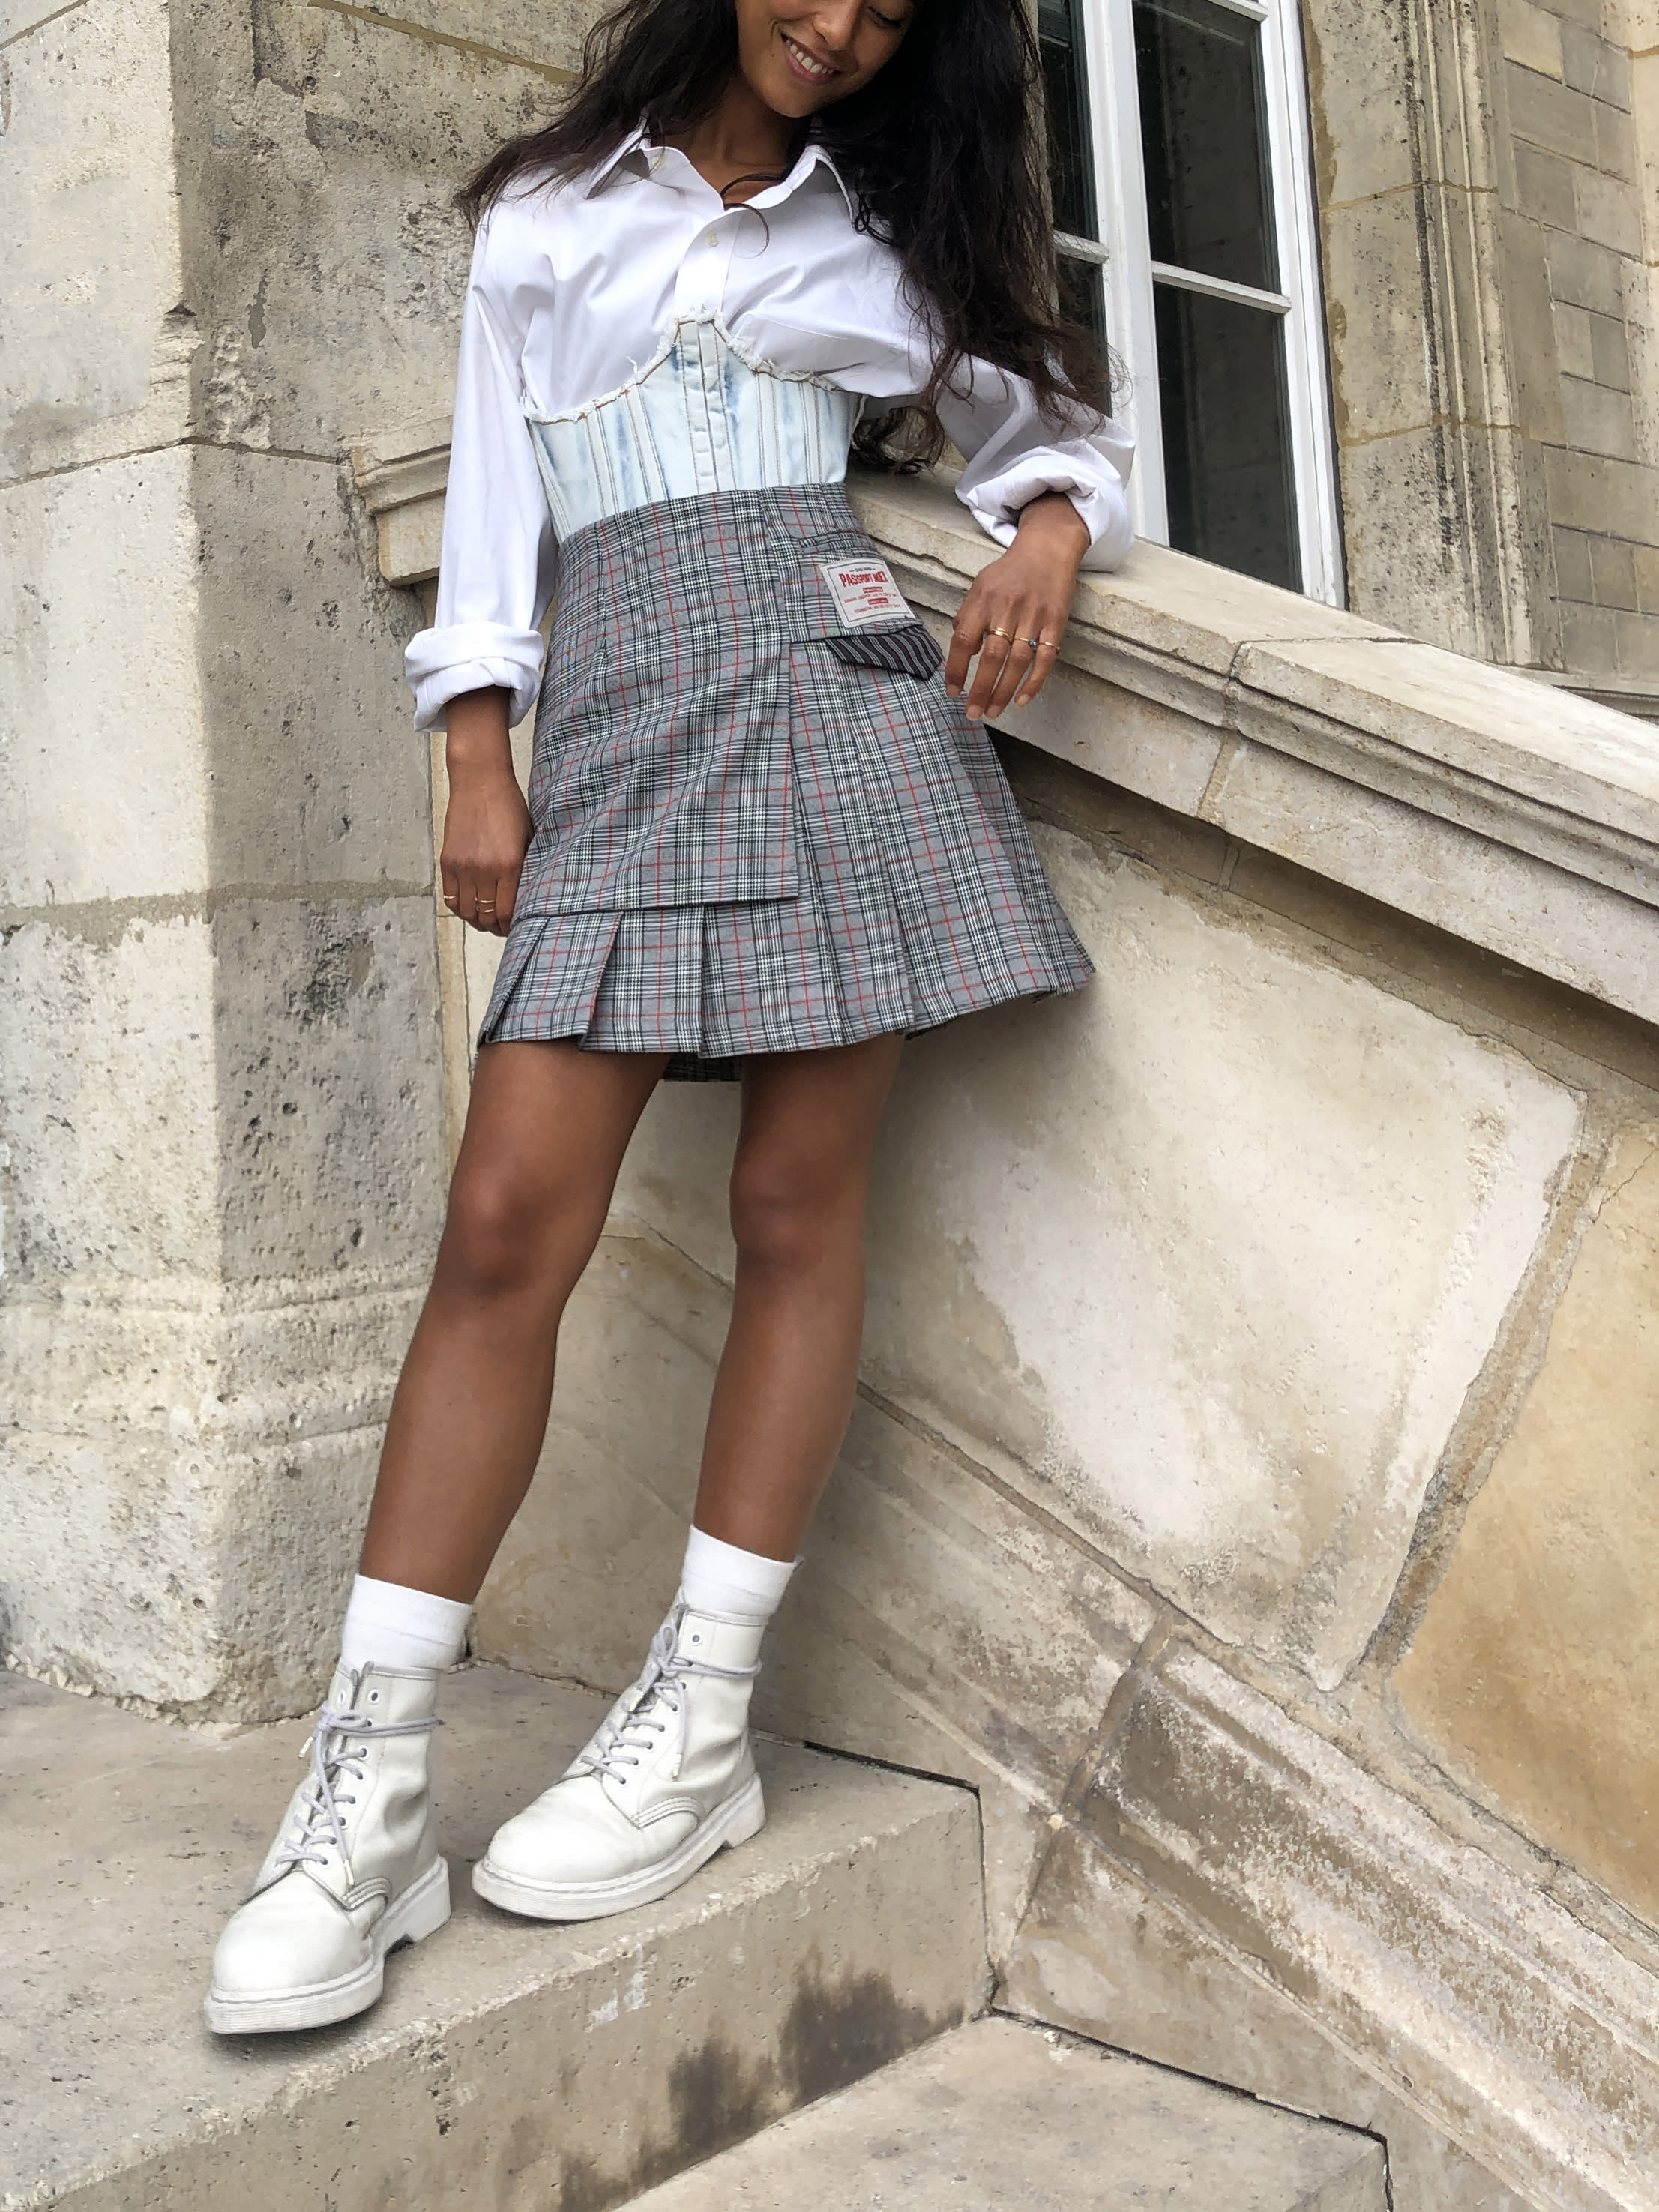 Modèle qui porte le look Schoolgirl à Plis et Carreaux